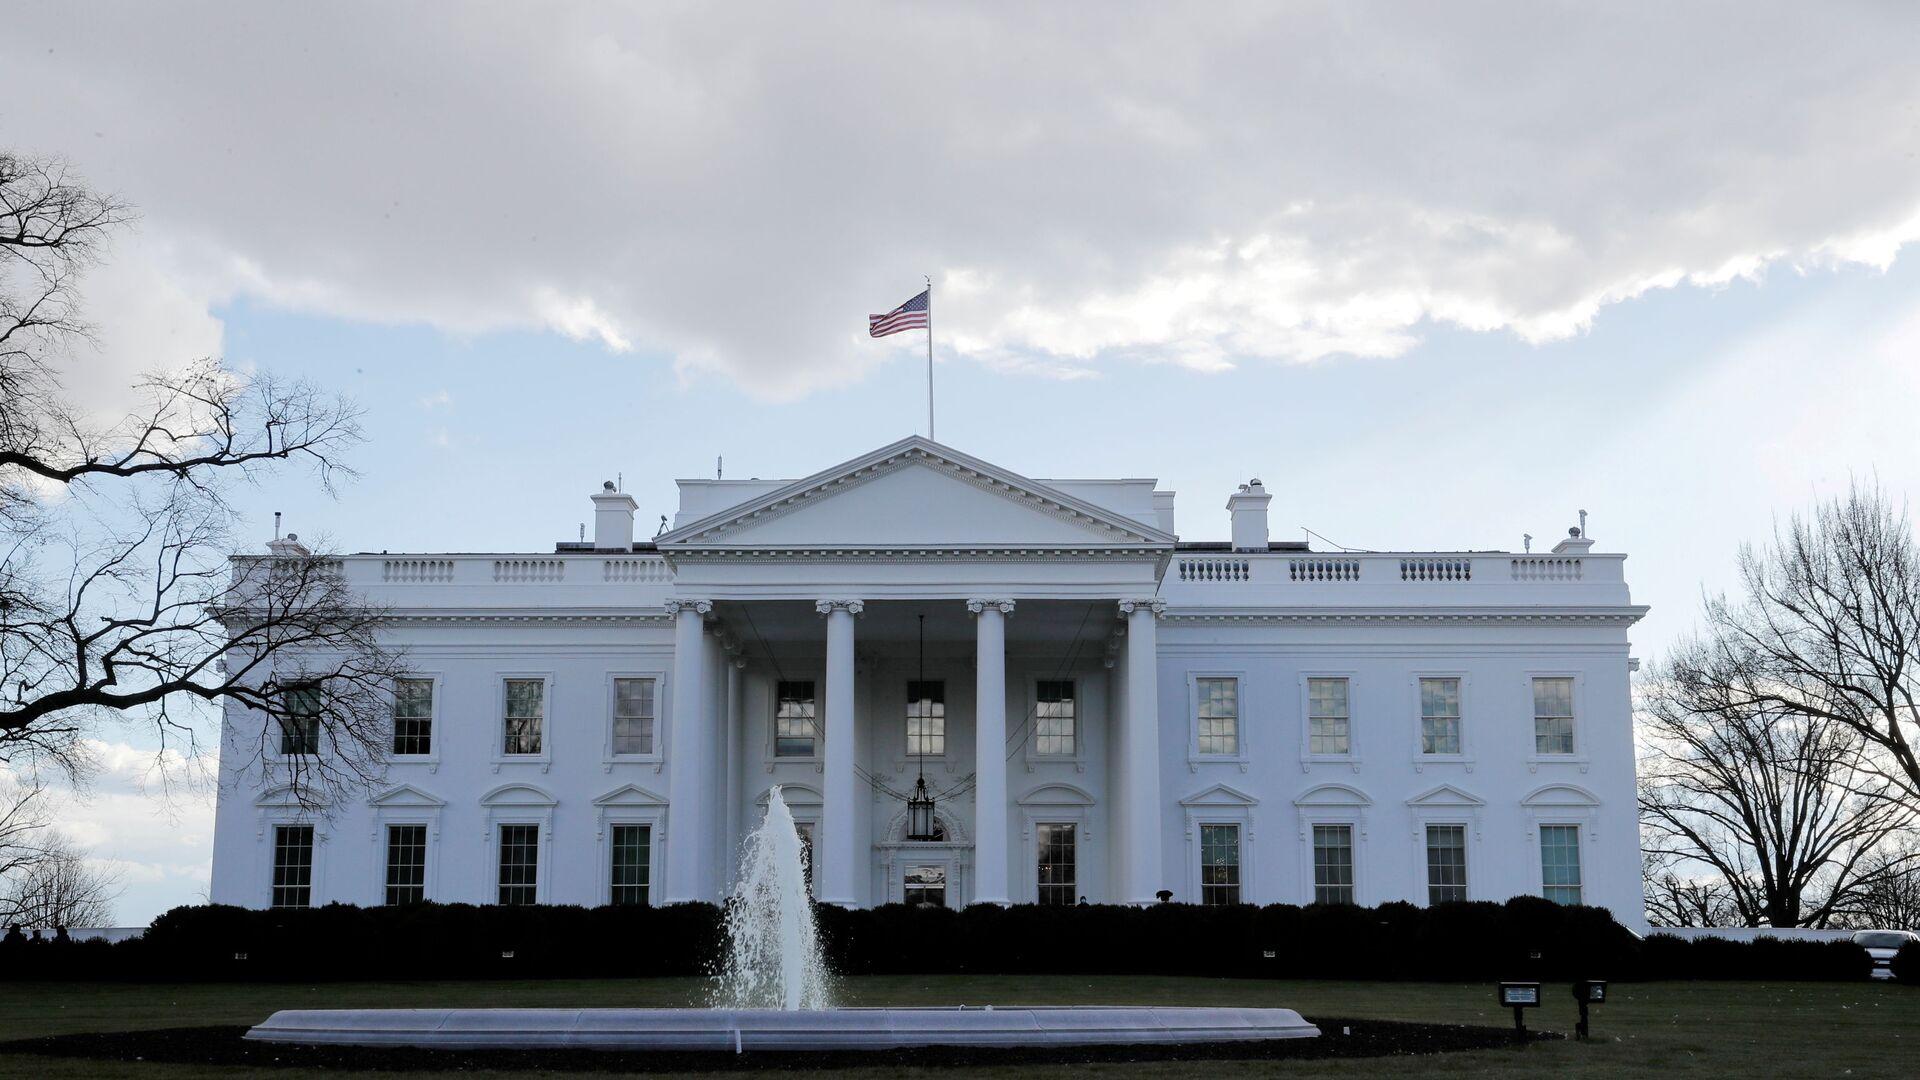 Бела кућа у Вашингтону - Sputnik Србија, 1920, 17.06.2021